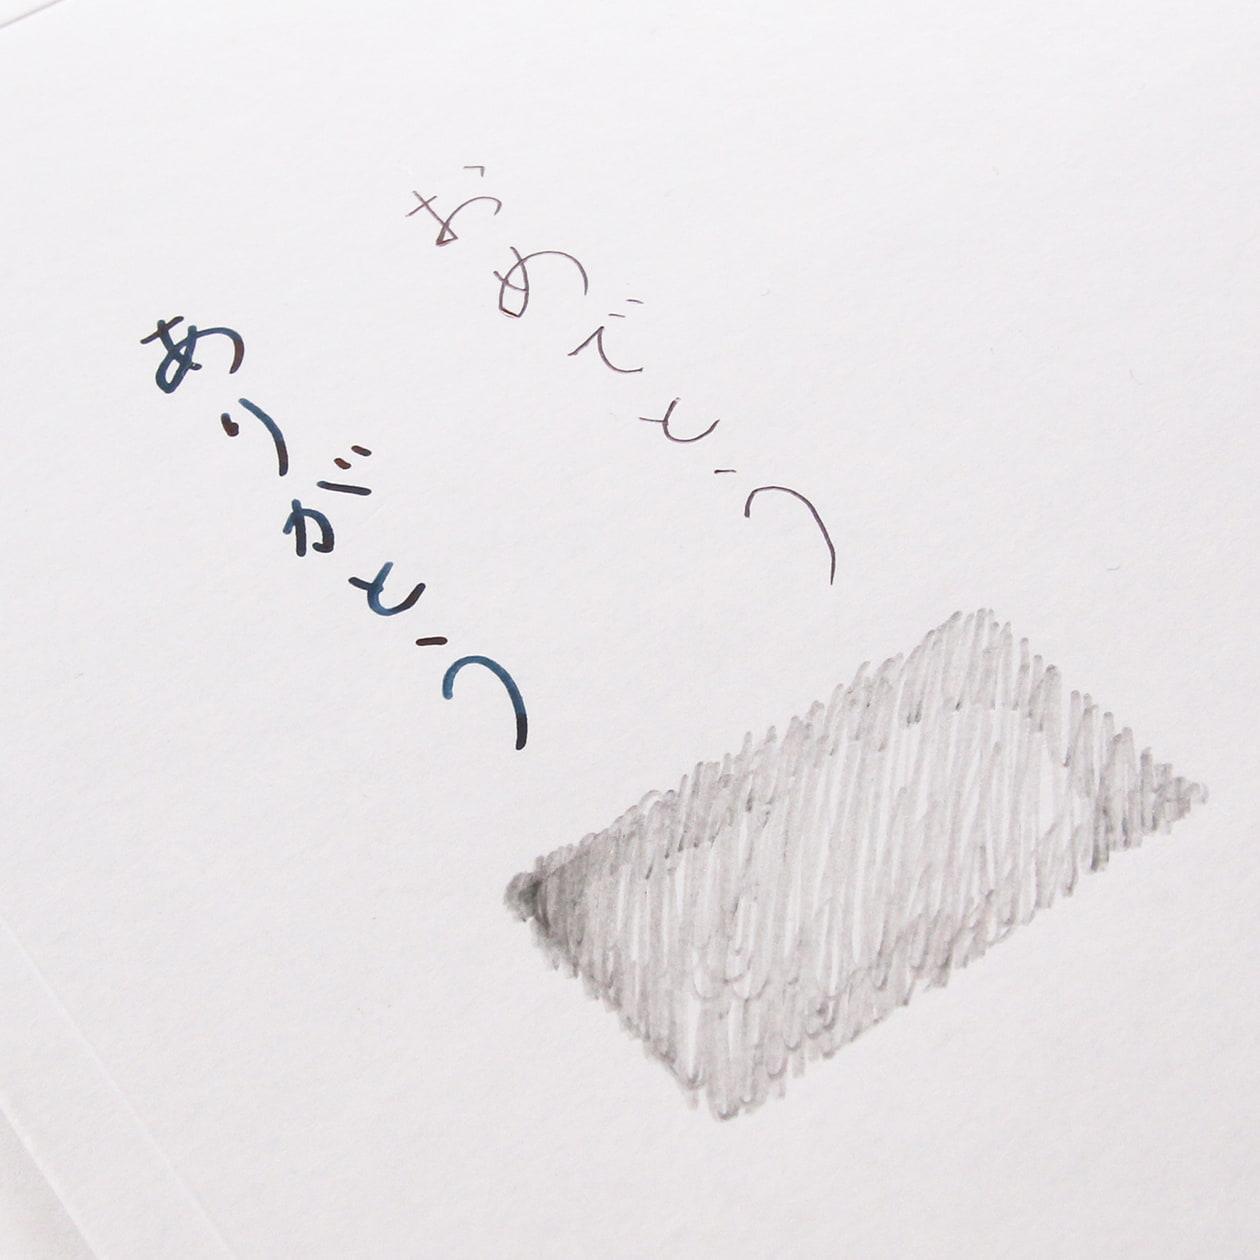 メール便用封筒 厚紙 白 310g テープ有